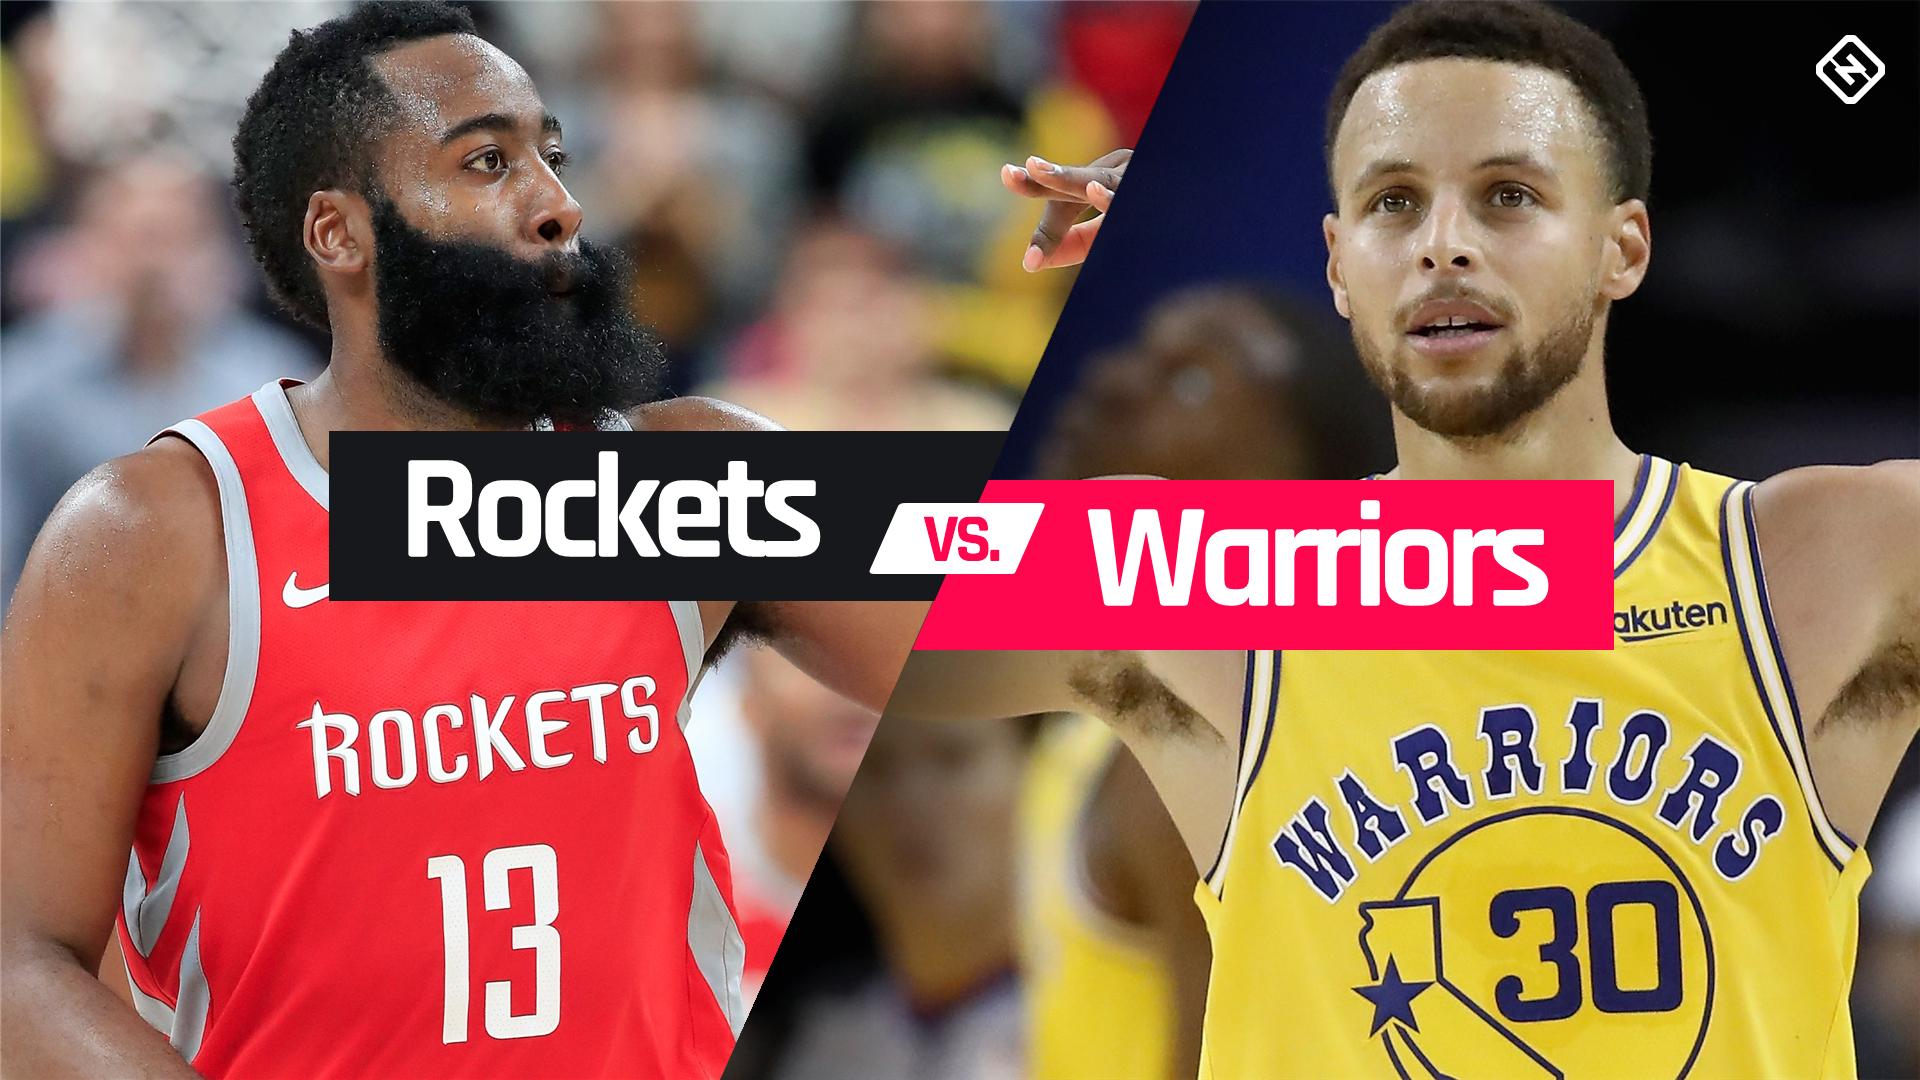 [SPOX] 28.04 Golden State Warriors VS Houston Rockets - NBA Playoffs im kostenlosen Livestream